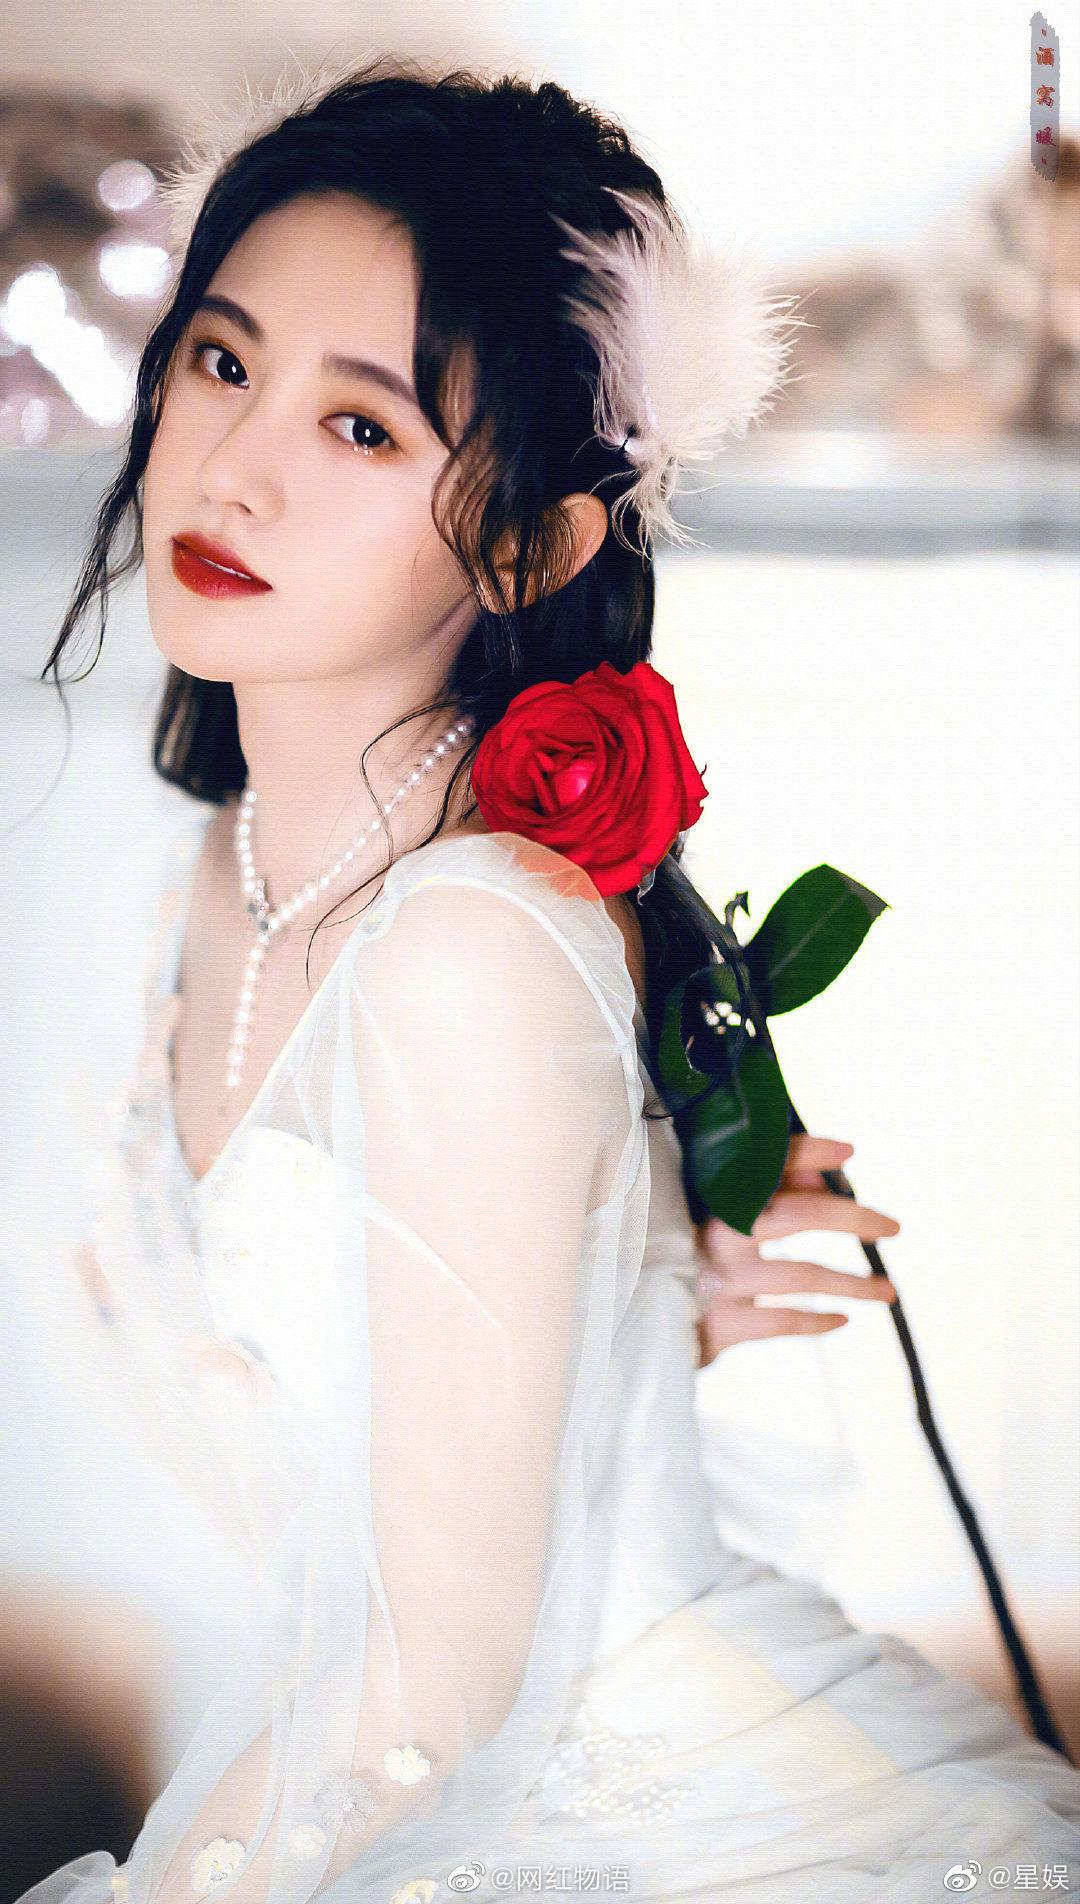 鞠婧祎和网红七七同款复古婚纱造型,爱豆和网红这次有壁么